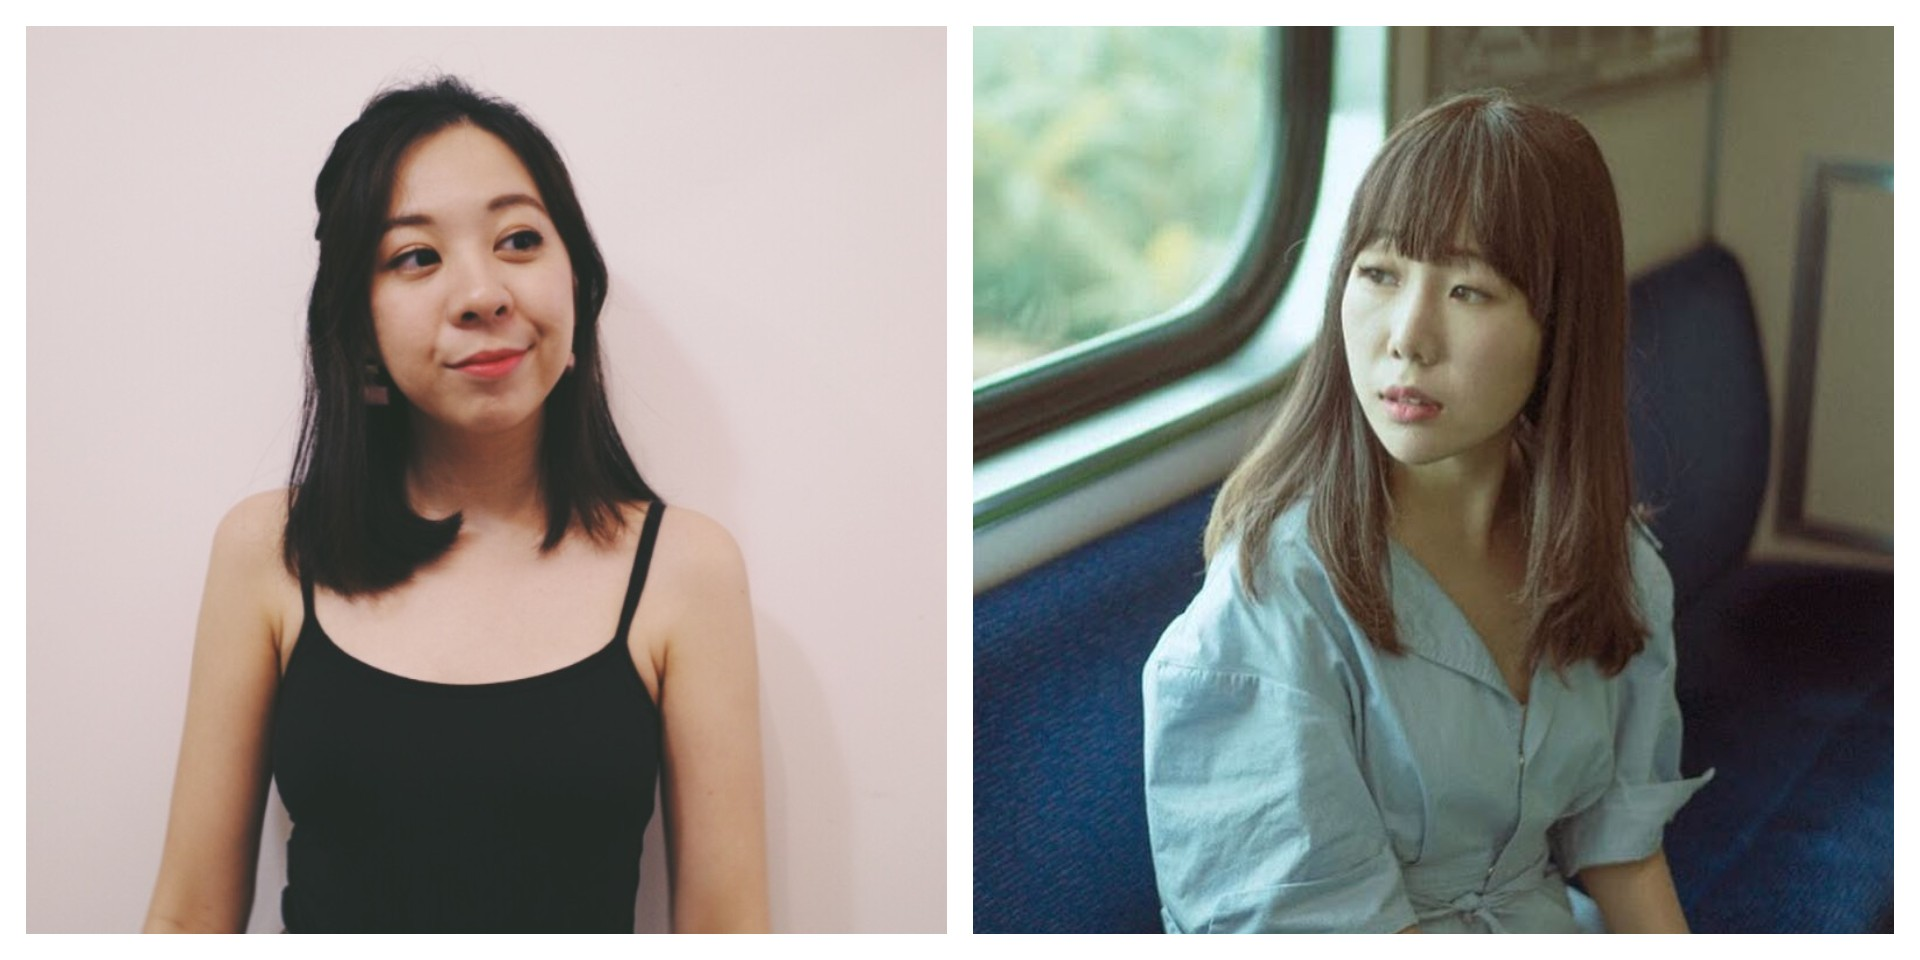 魏妙如、黄美婷,本地创作歌手的闺蜜恋爱故事